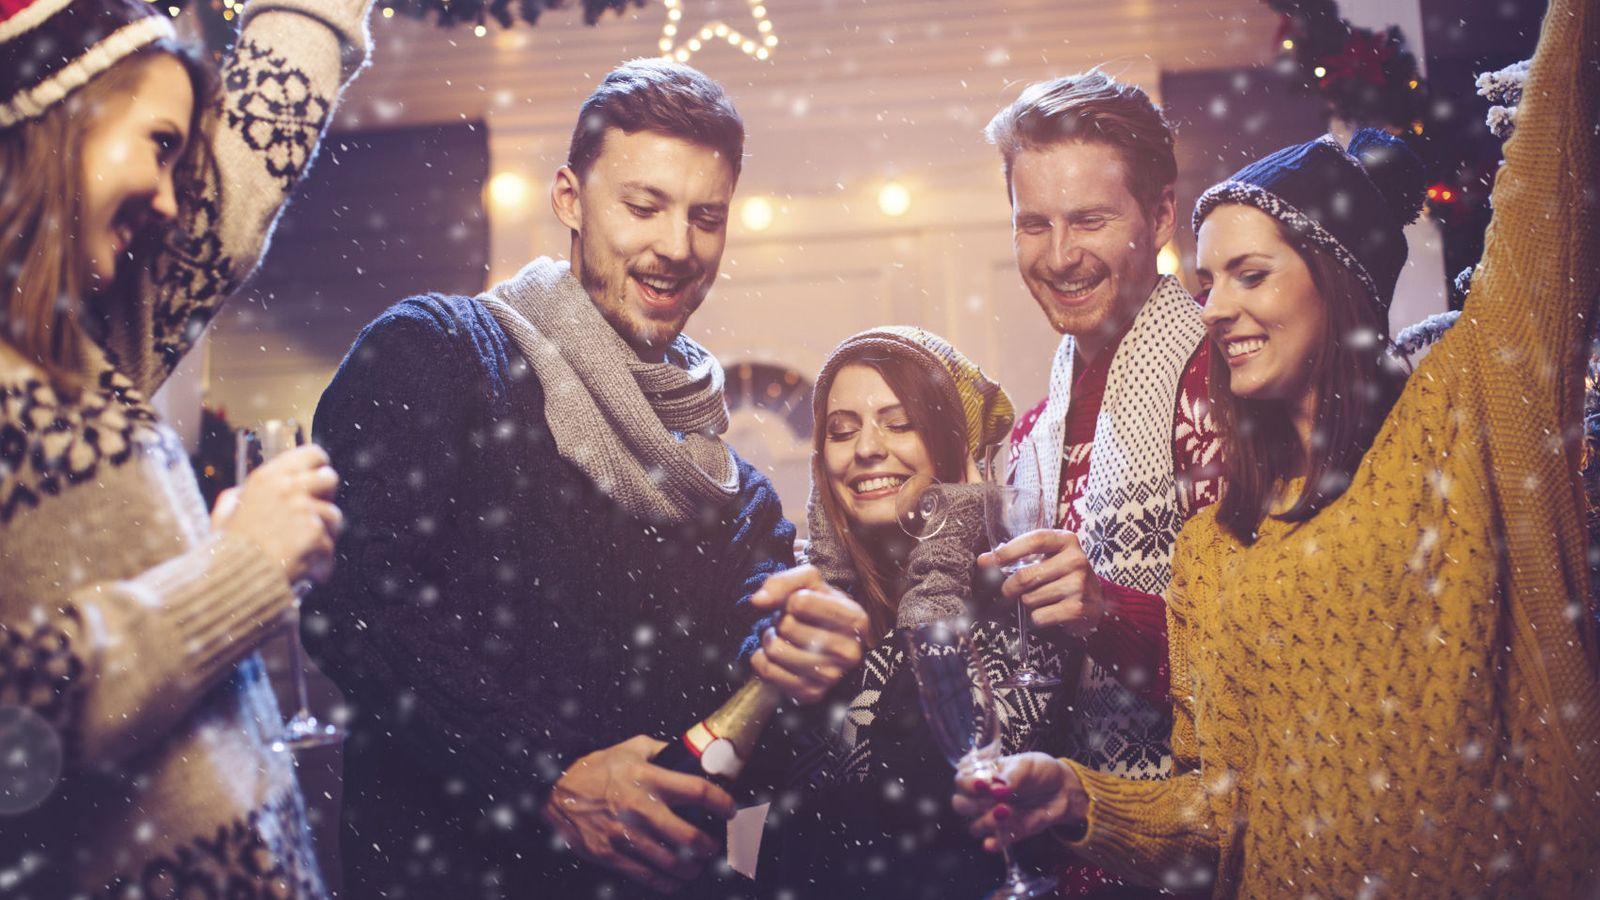 Foto: No hay fotos de las fiestas, pero el ambiente sería parecido a este. (iStock)